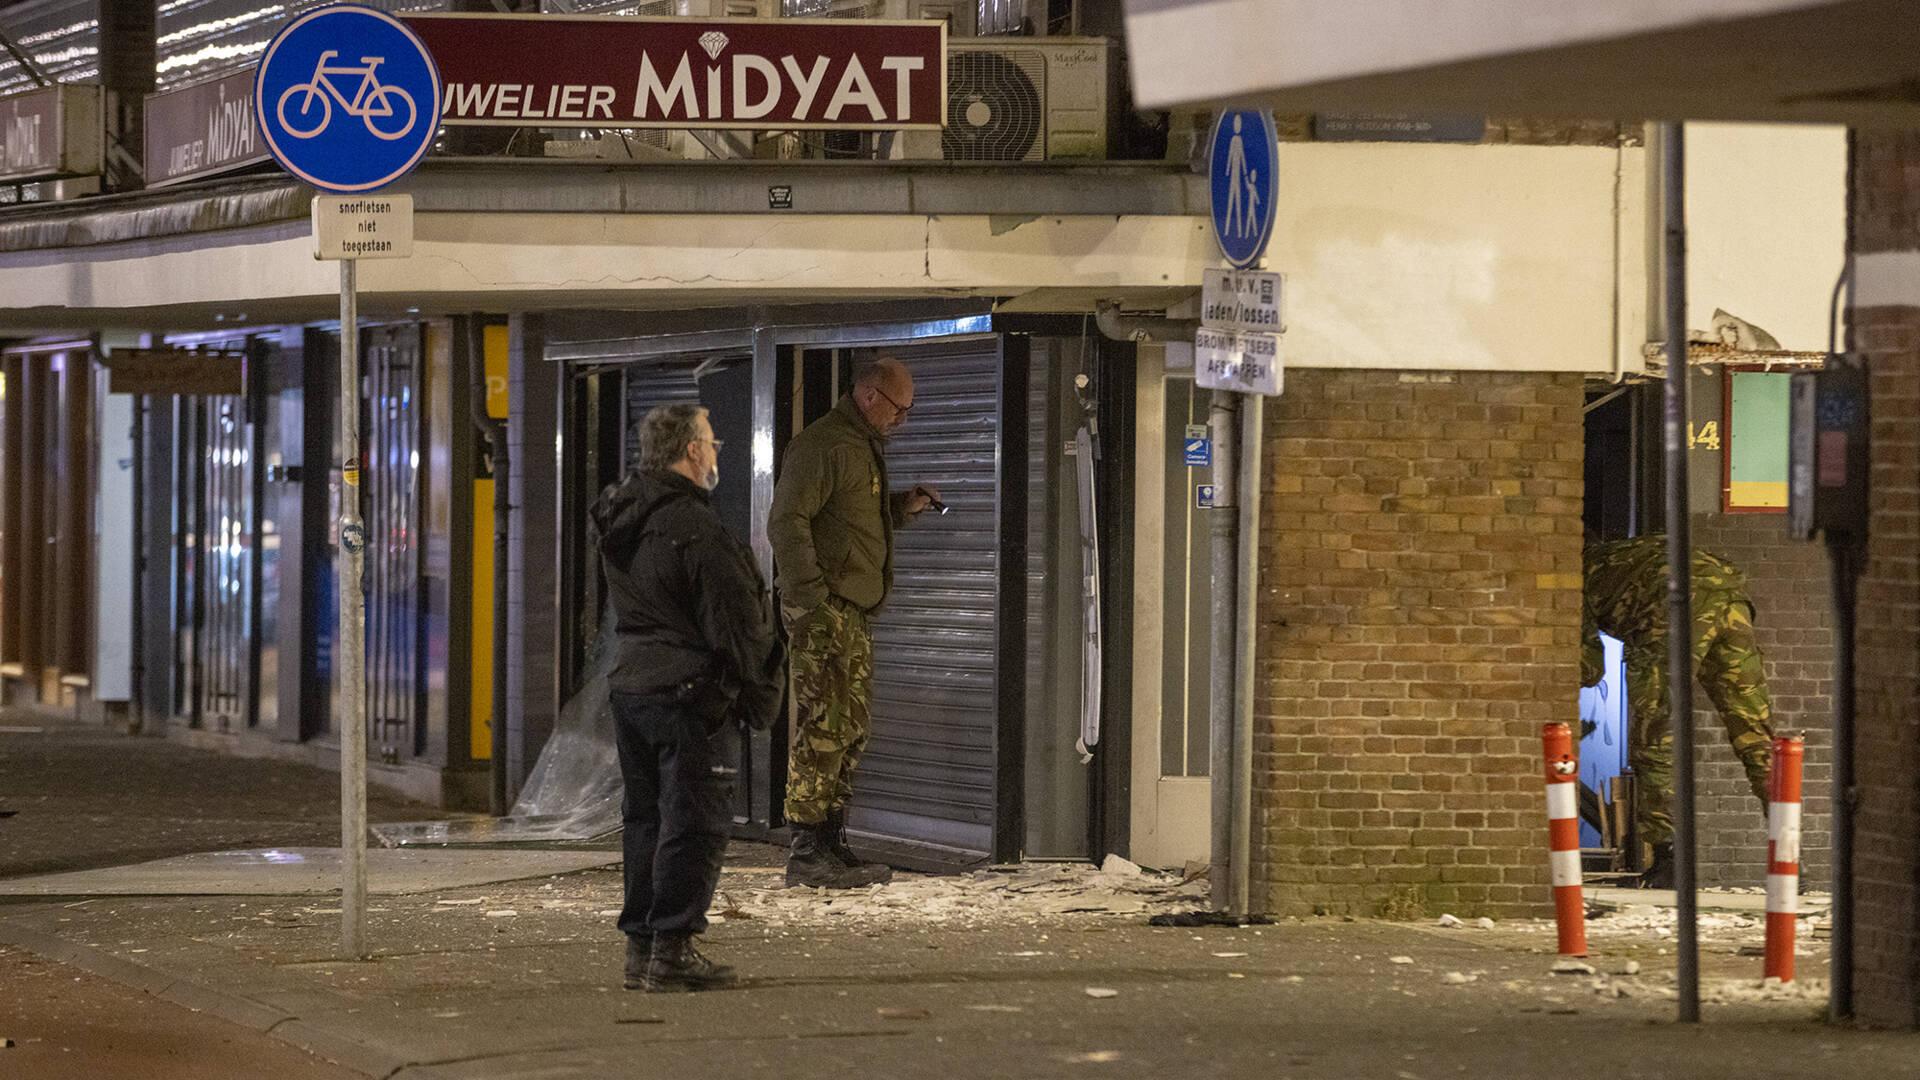 أضرار جسيمة بعد انفجار في محل مجوهرات في أمستردام